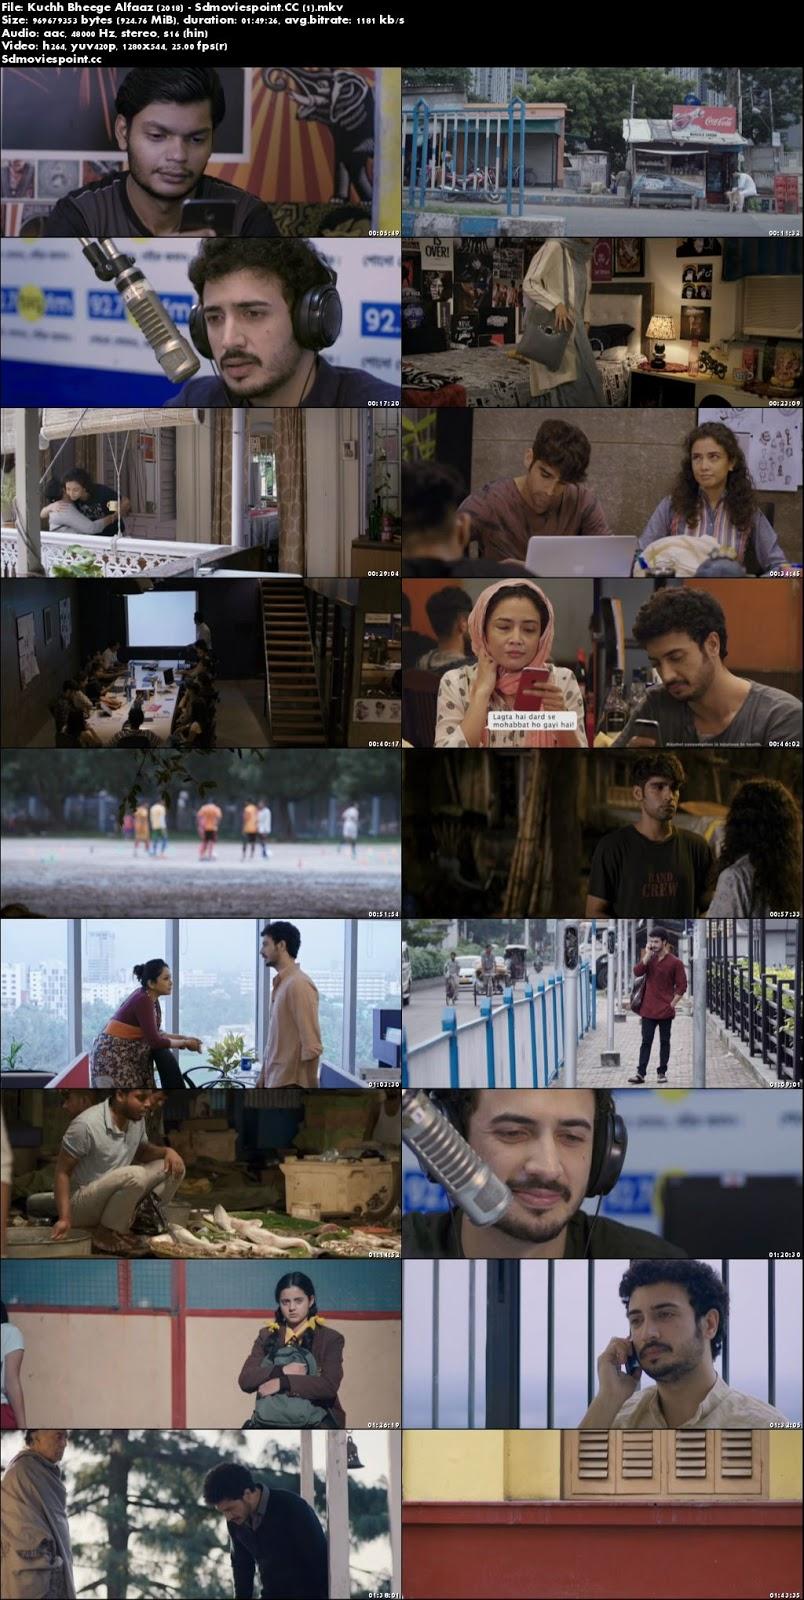 screen shot Kuchh Bheege Alfaaz 2018 Pre DVDRip 926Mb Full Hindi Movie Download x264